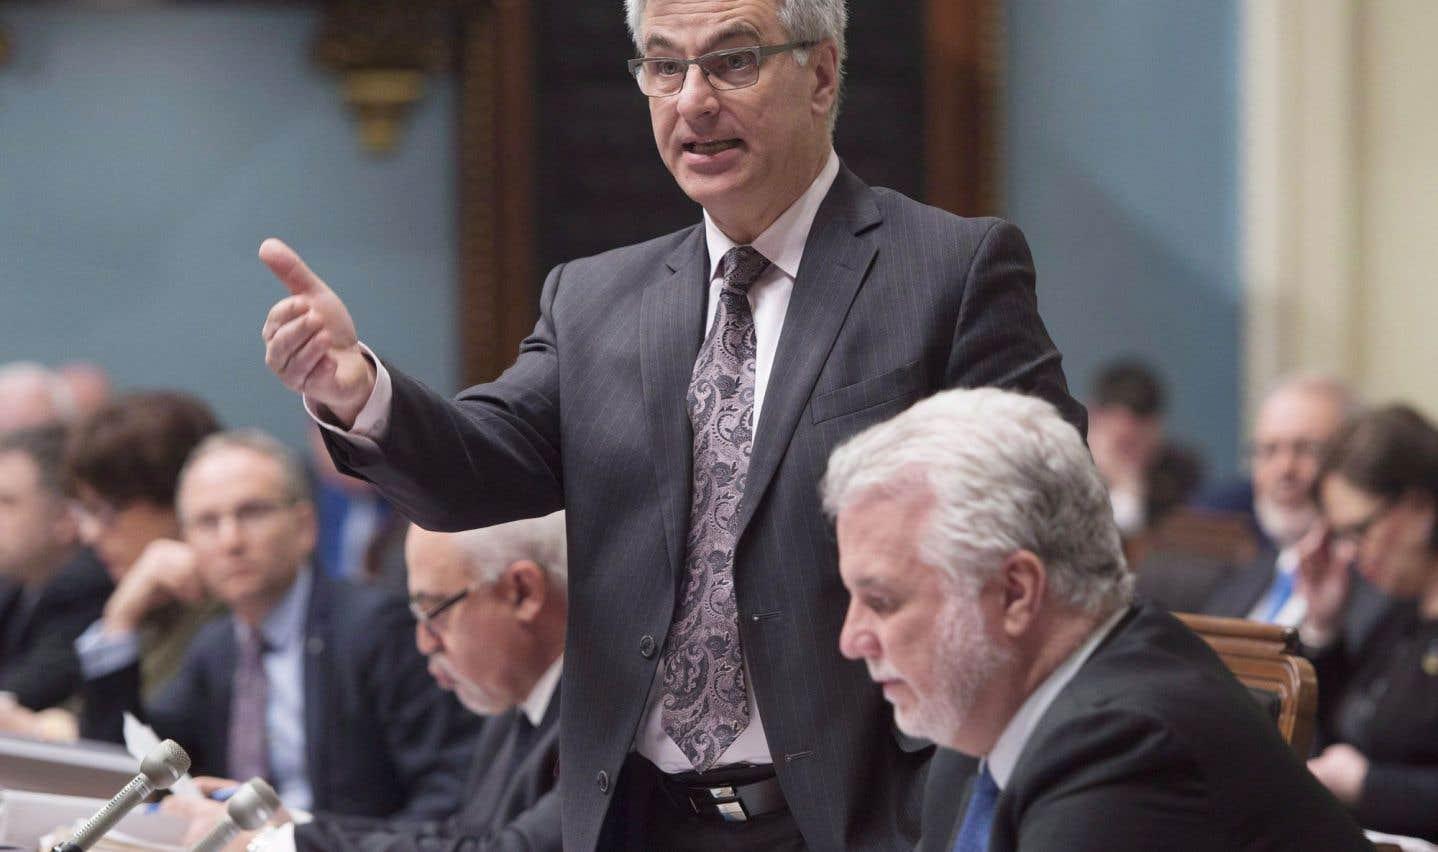 Le ministre responsable des Relations canadiennes, Jean-Marc Fournier